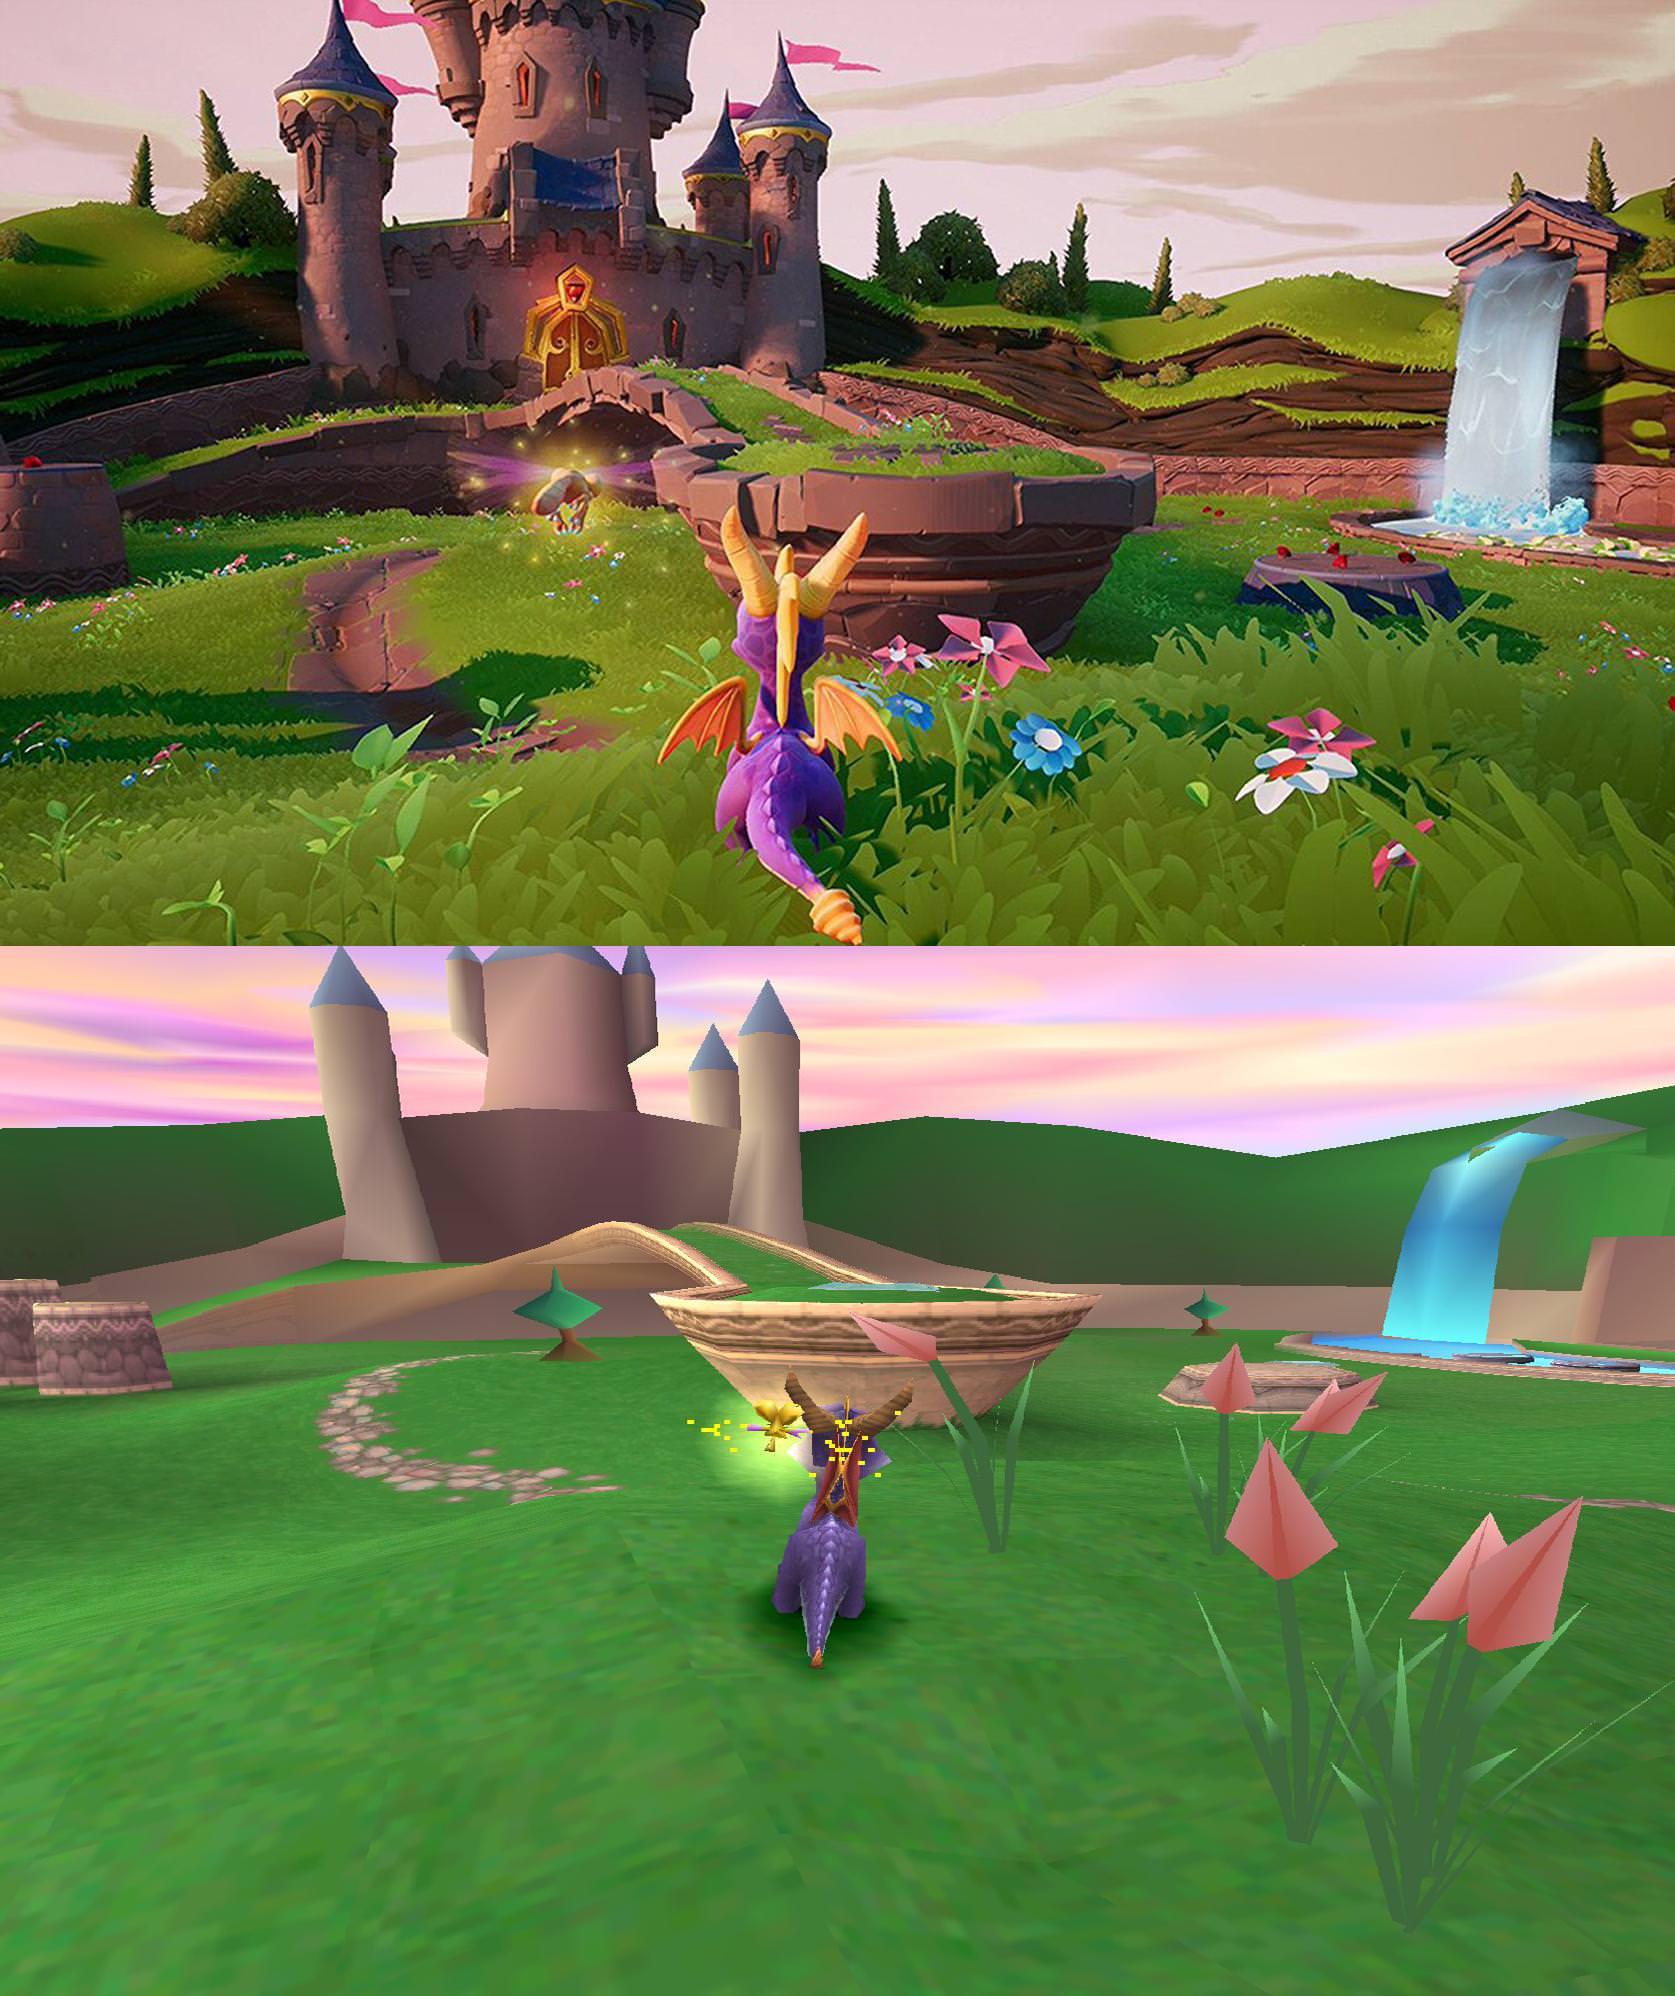 yEIvaFF - Klasyczna trylogia Spyro the Dragon z czasów PSX powraca!